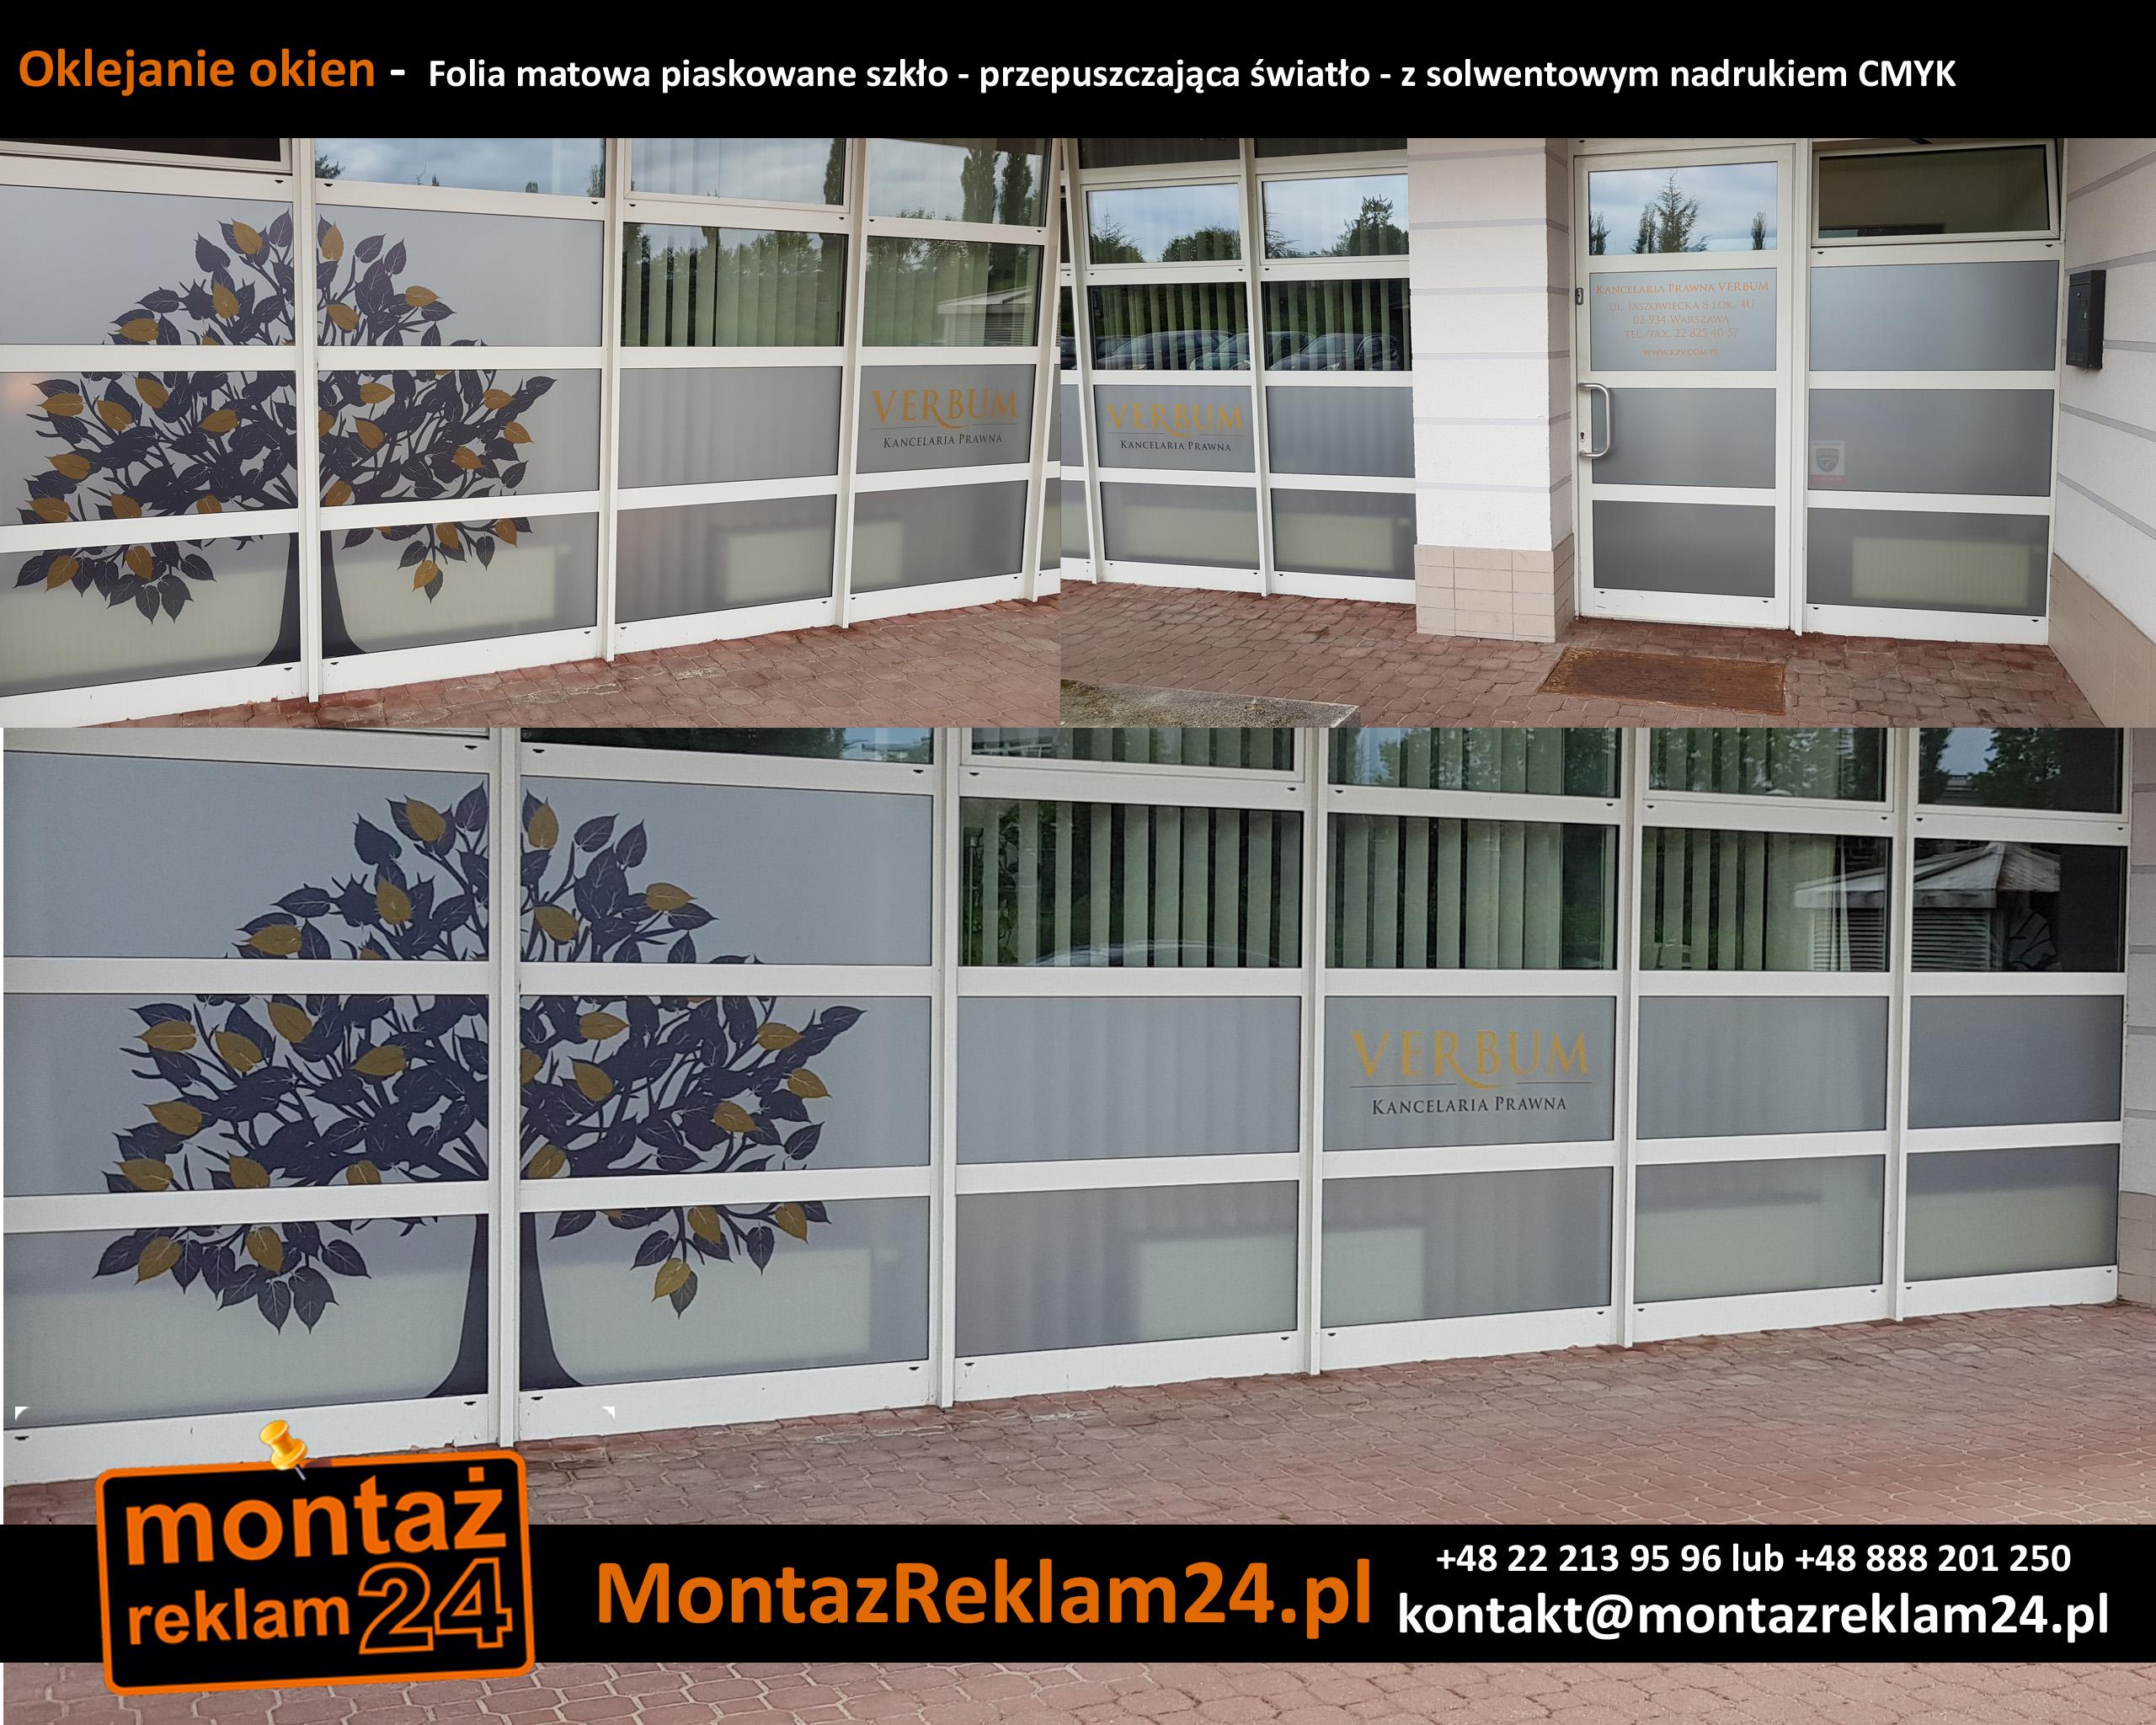 Oklejanie okien -  Folia matowa piaskowane szkło - przepuszczająca światło - z solwentowym nadrukiem CMYK.jpg